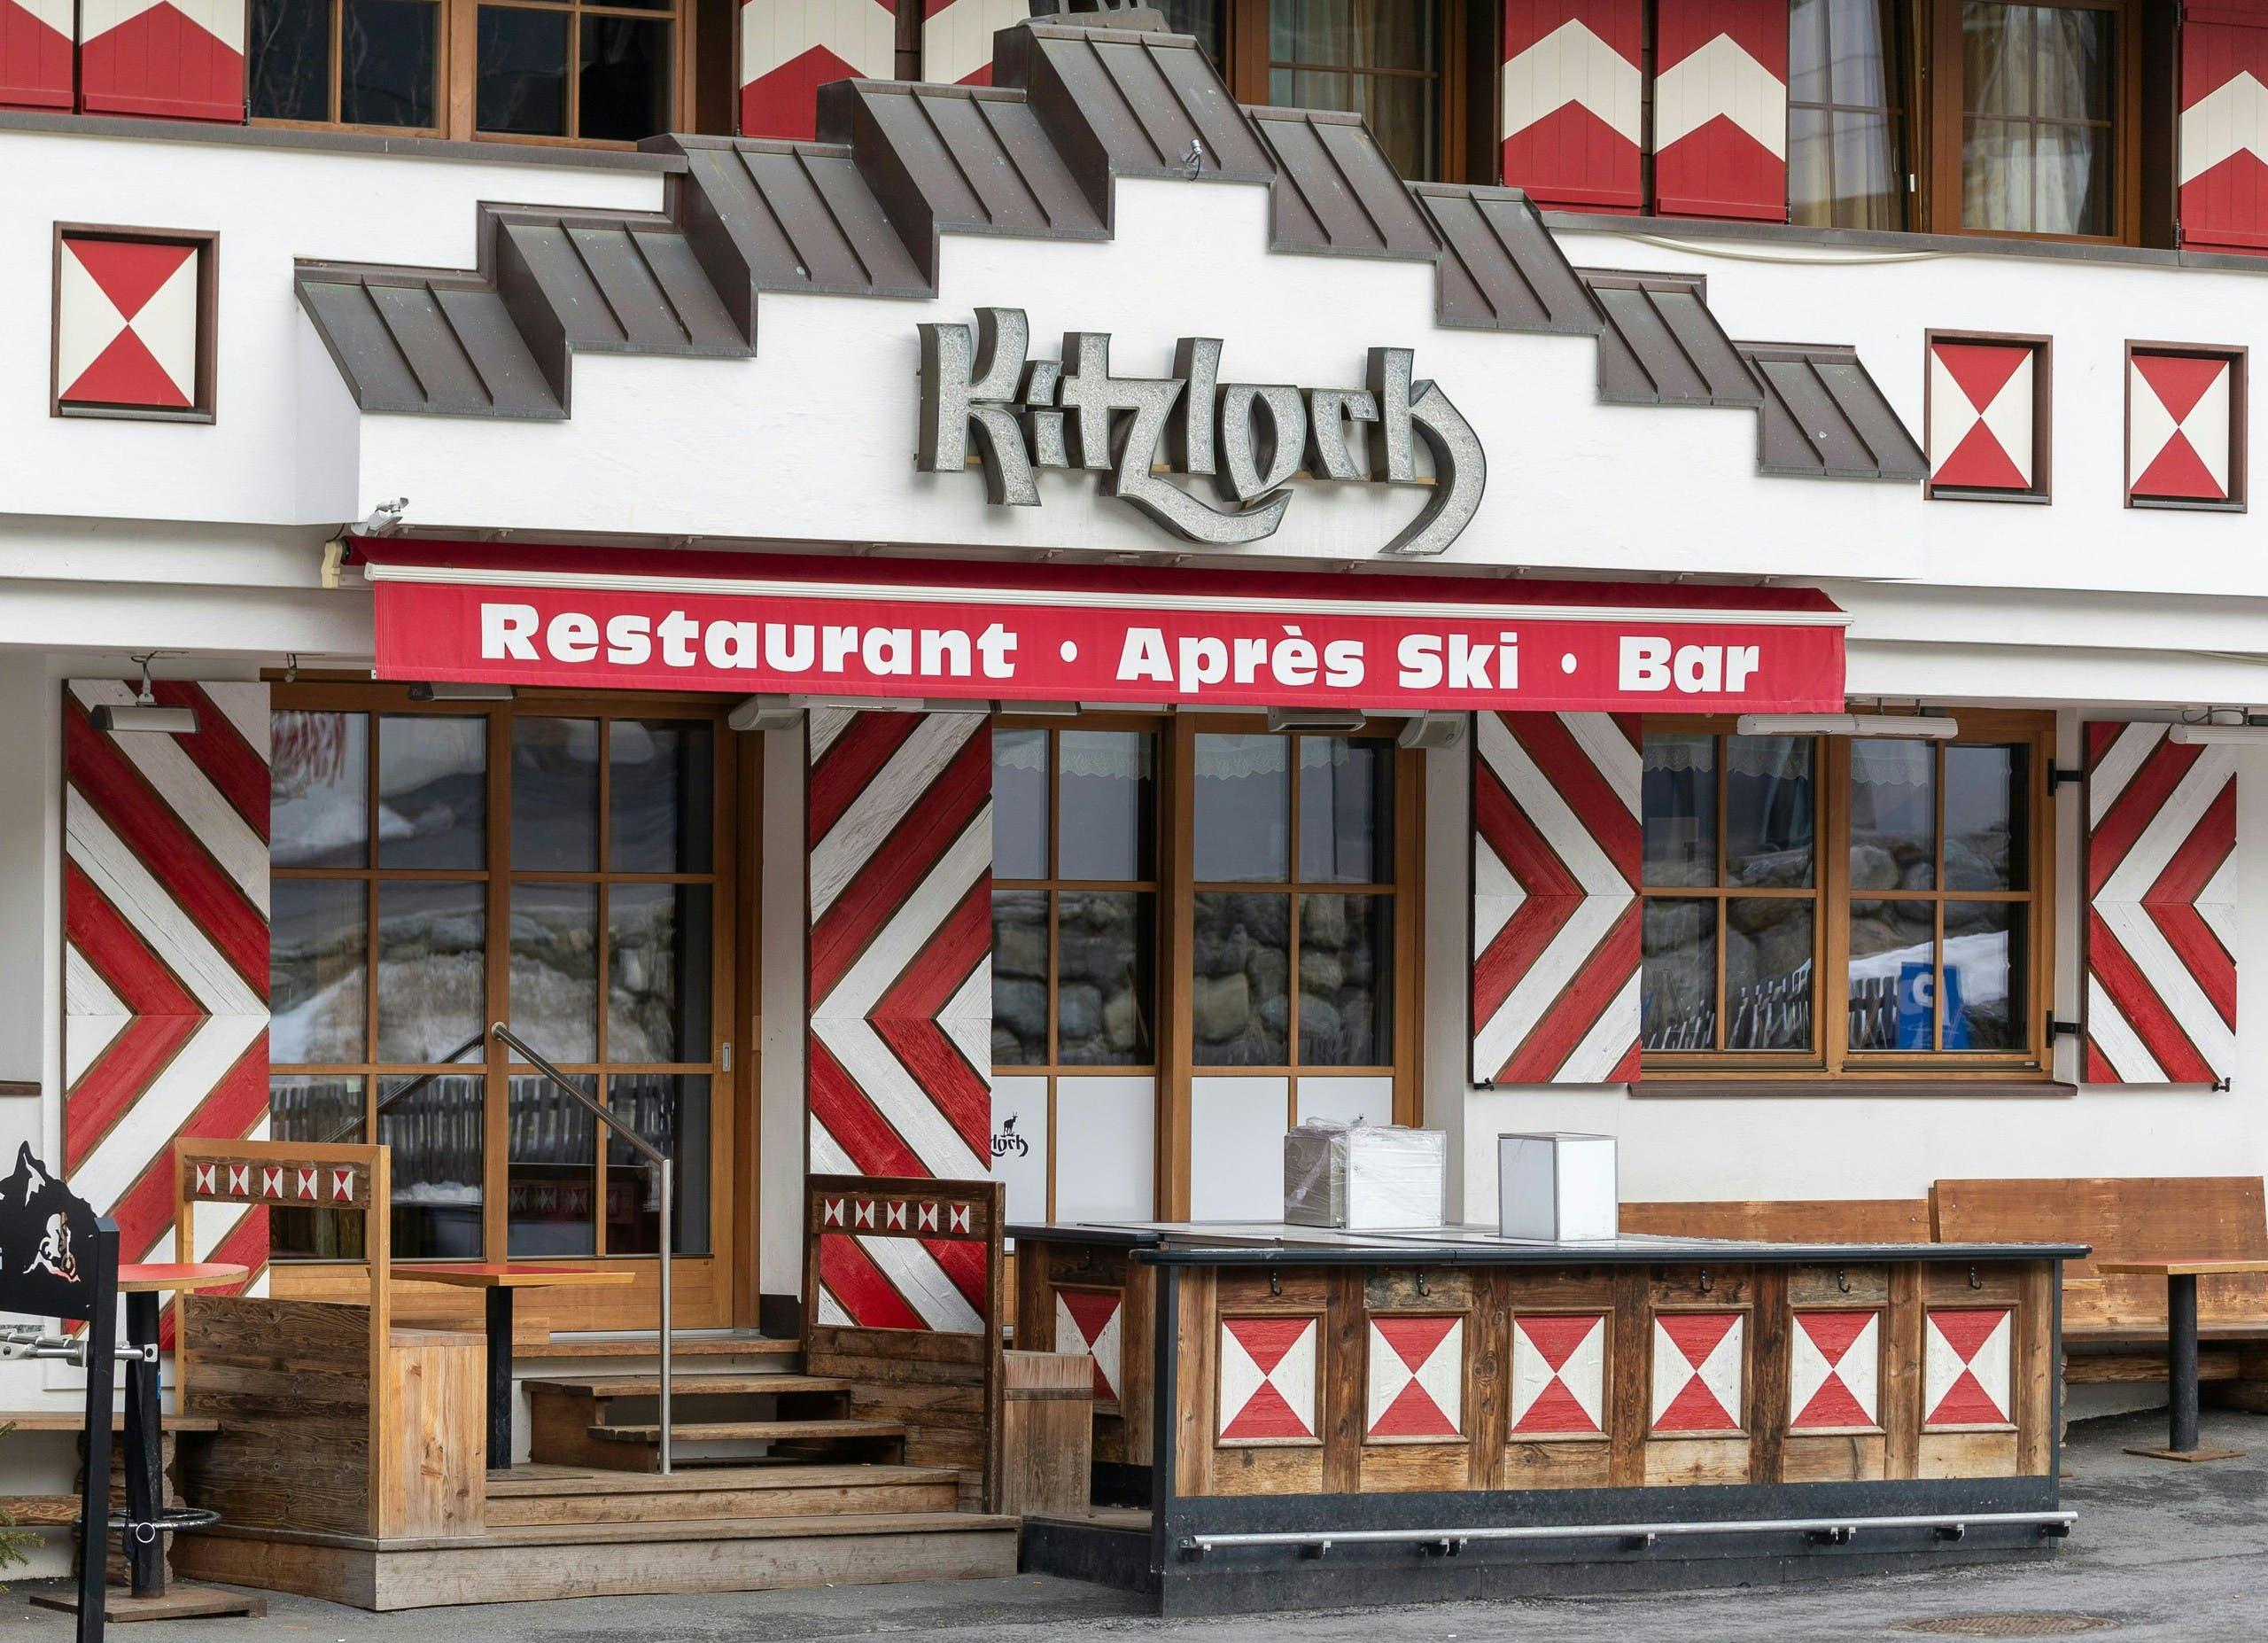 المطعم حيث كان يعمل النادل الذي نشر الفيروس في النمسا